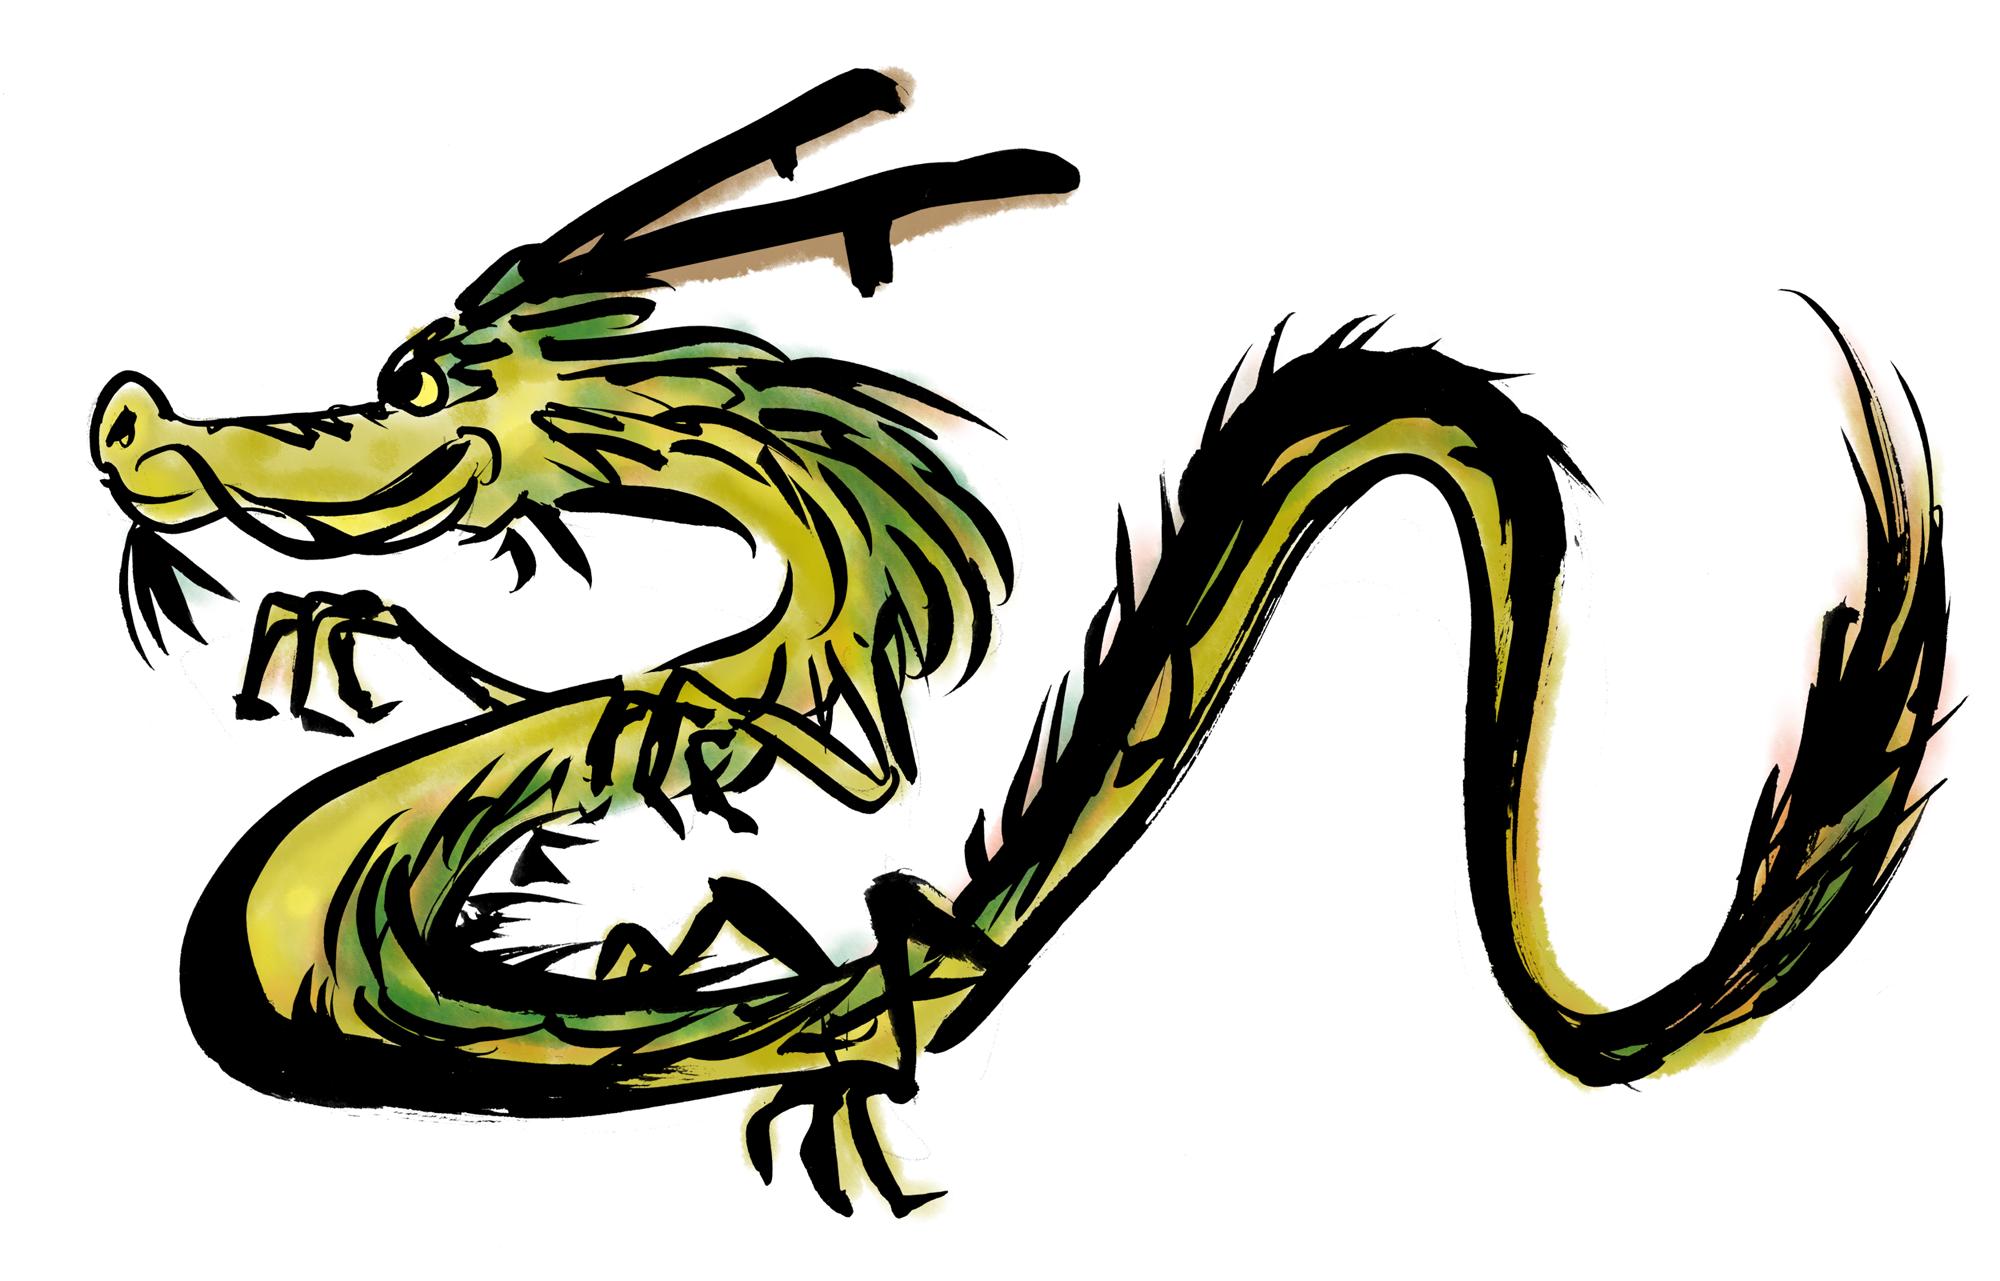 干支の辰年手描きの墨絵イラスト